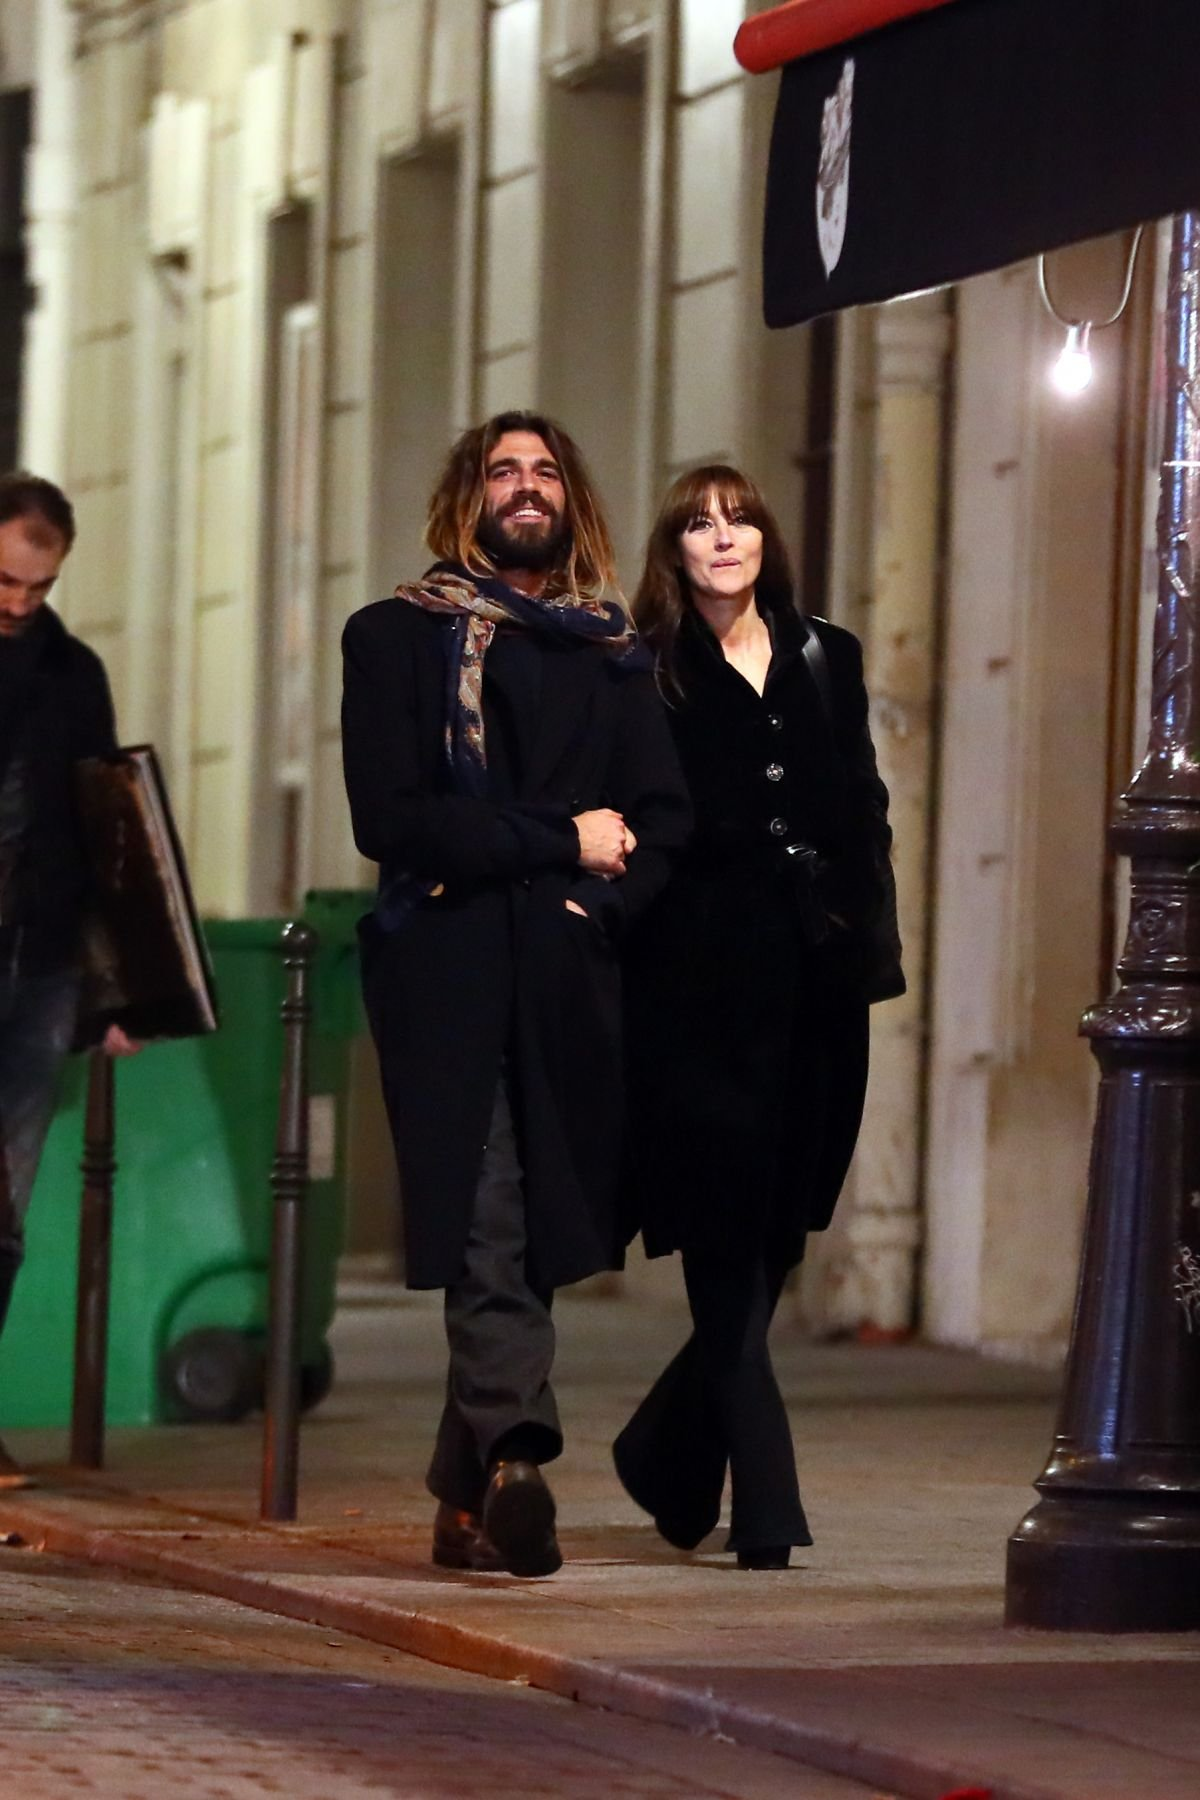 Фотографы запечатлели Монику Беллуччи с избранником в Венеции